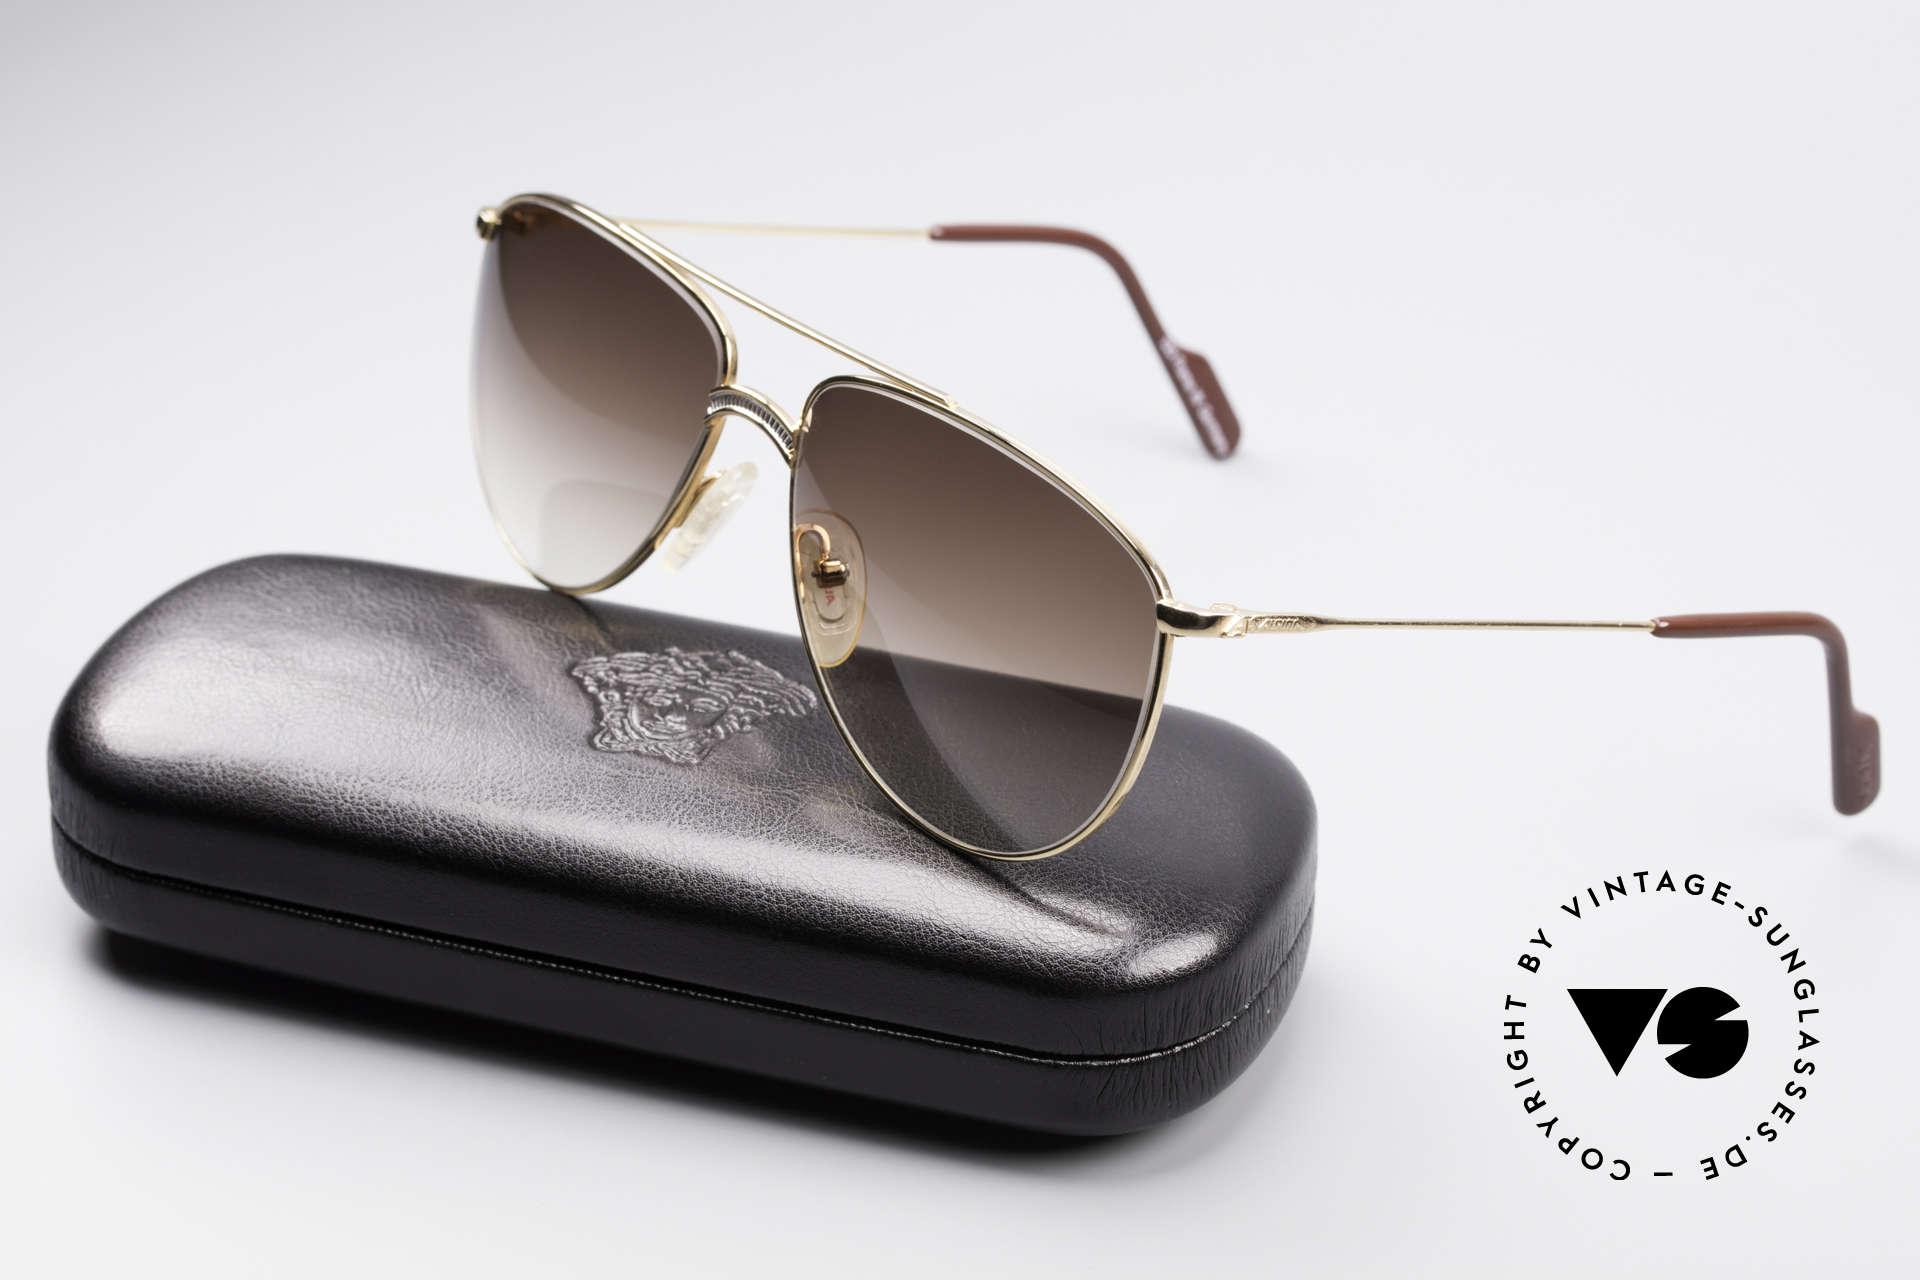 Alpina FM81 West Germany Vintage Brille, Metallfassung ist auch für optische Gläser geeignet, Passend für Herren